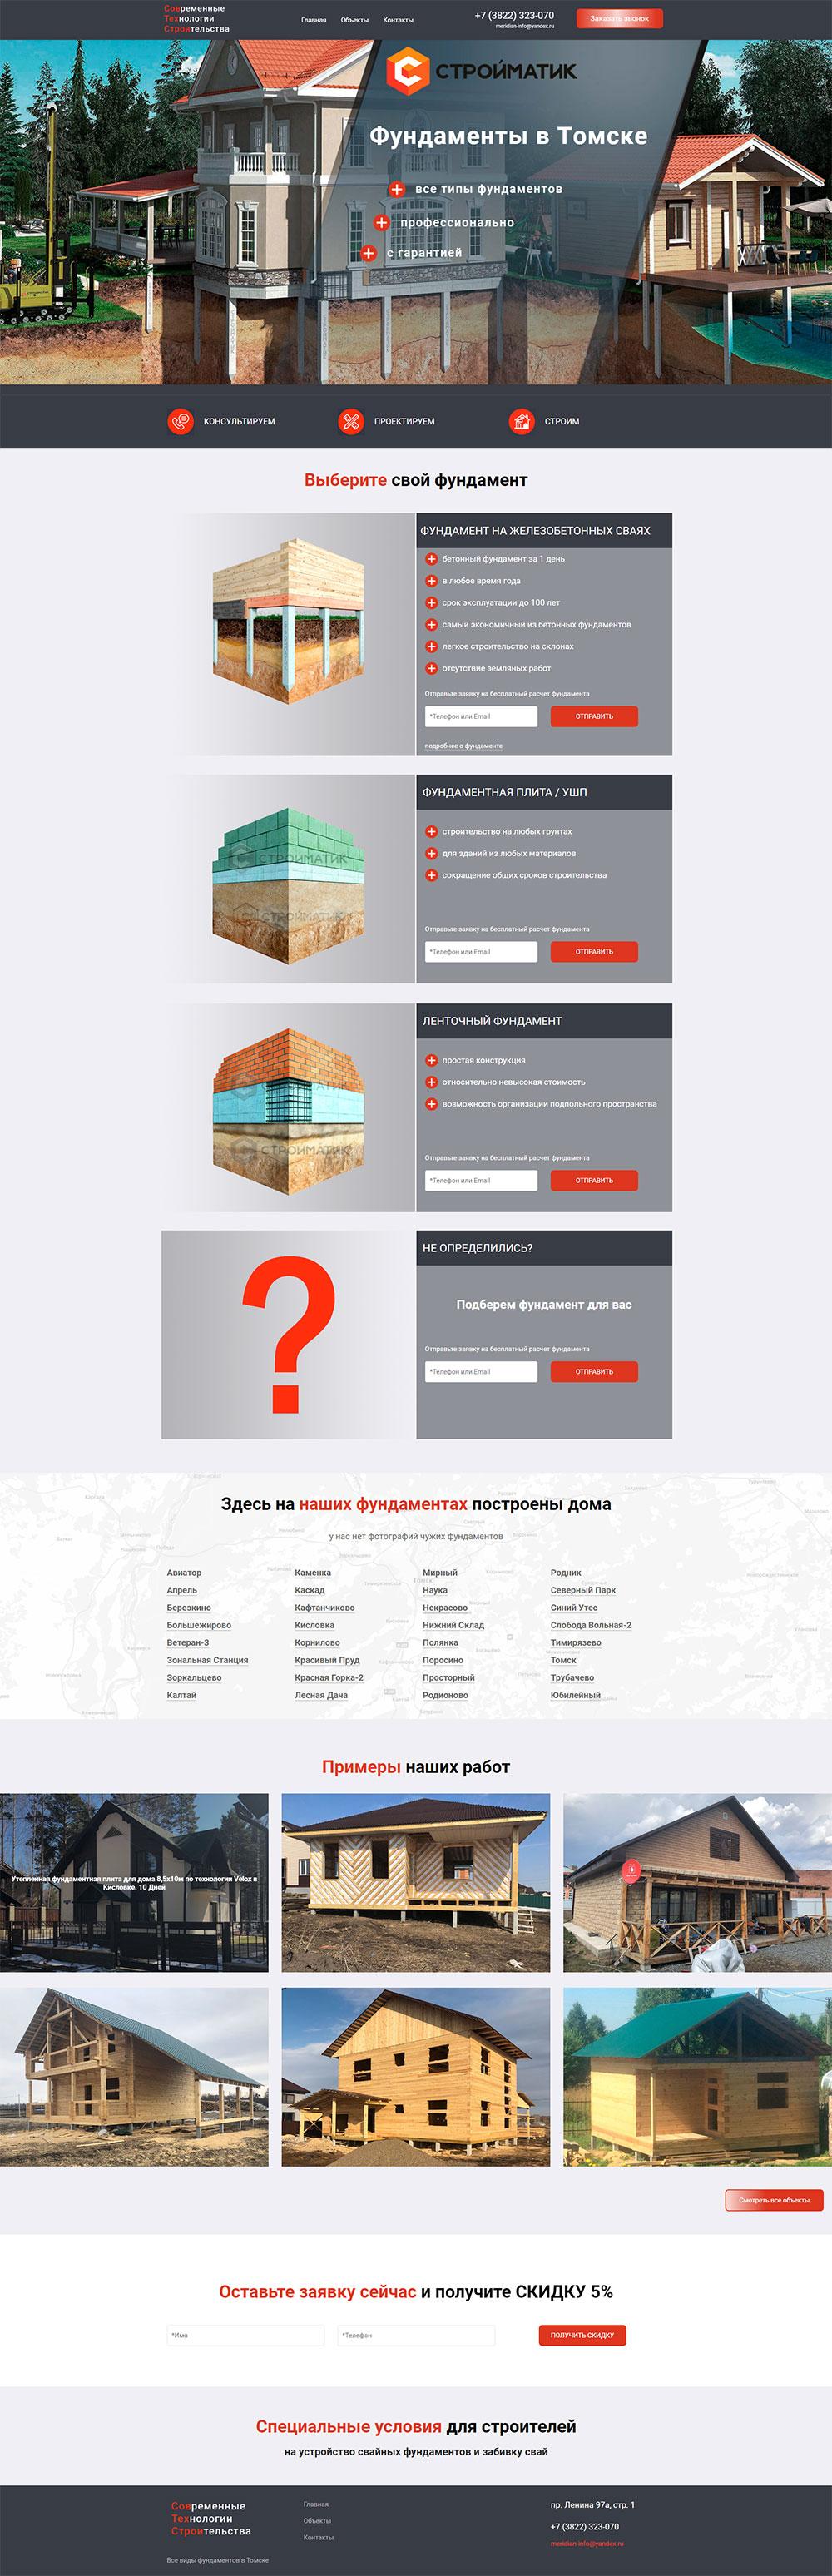 Разработка сайта для компании Совтехстрой